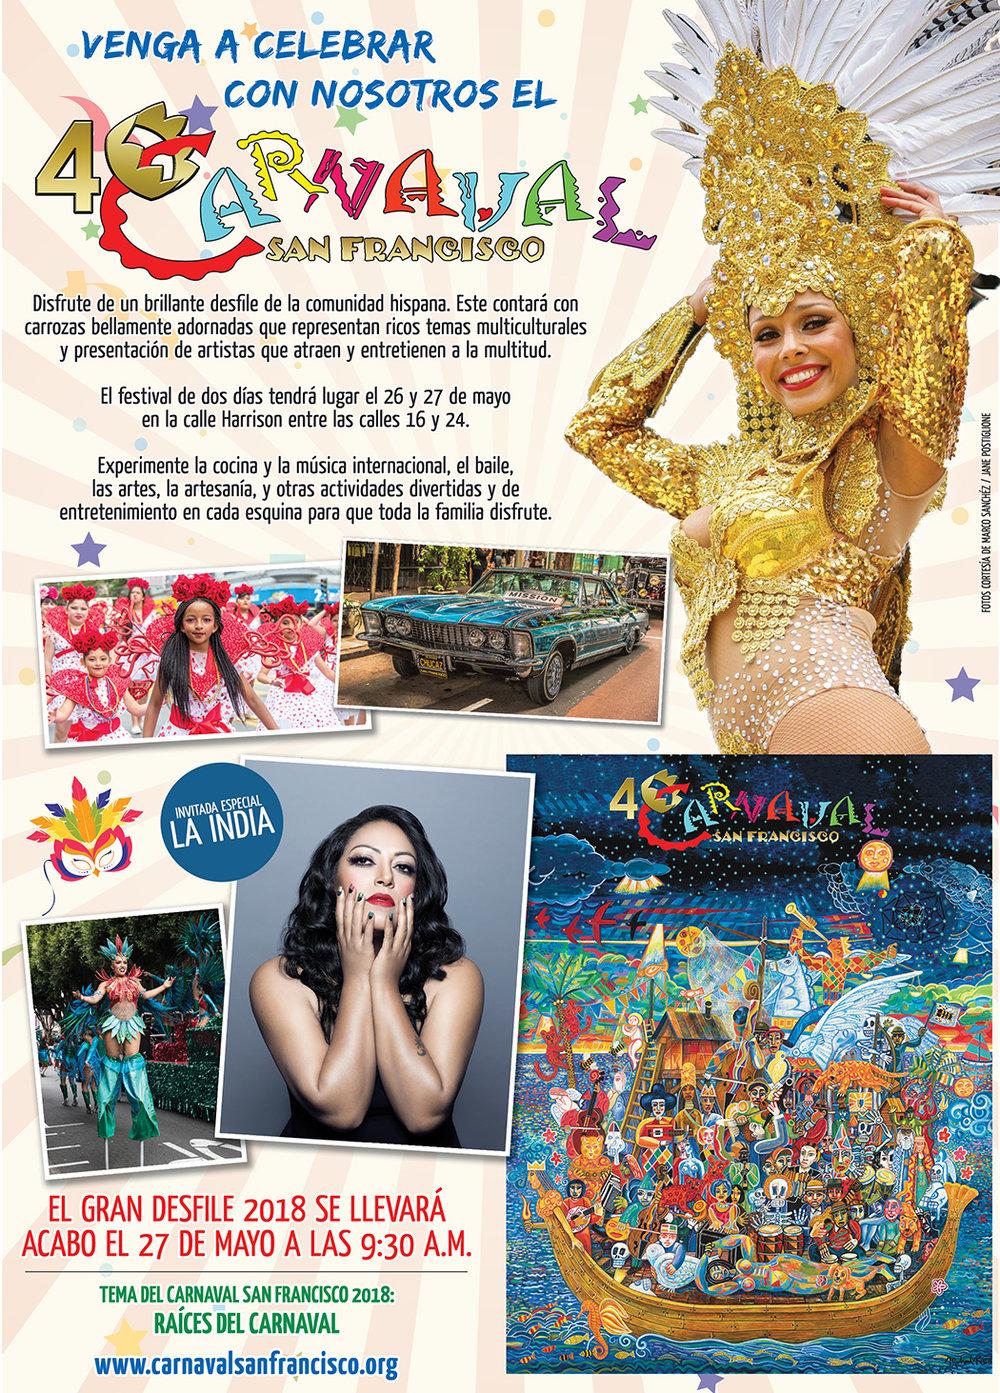 Carnaval de San Francisco - 40 aniversario 1 Pag ABRIL 2018.jpg